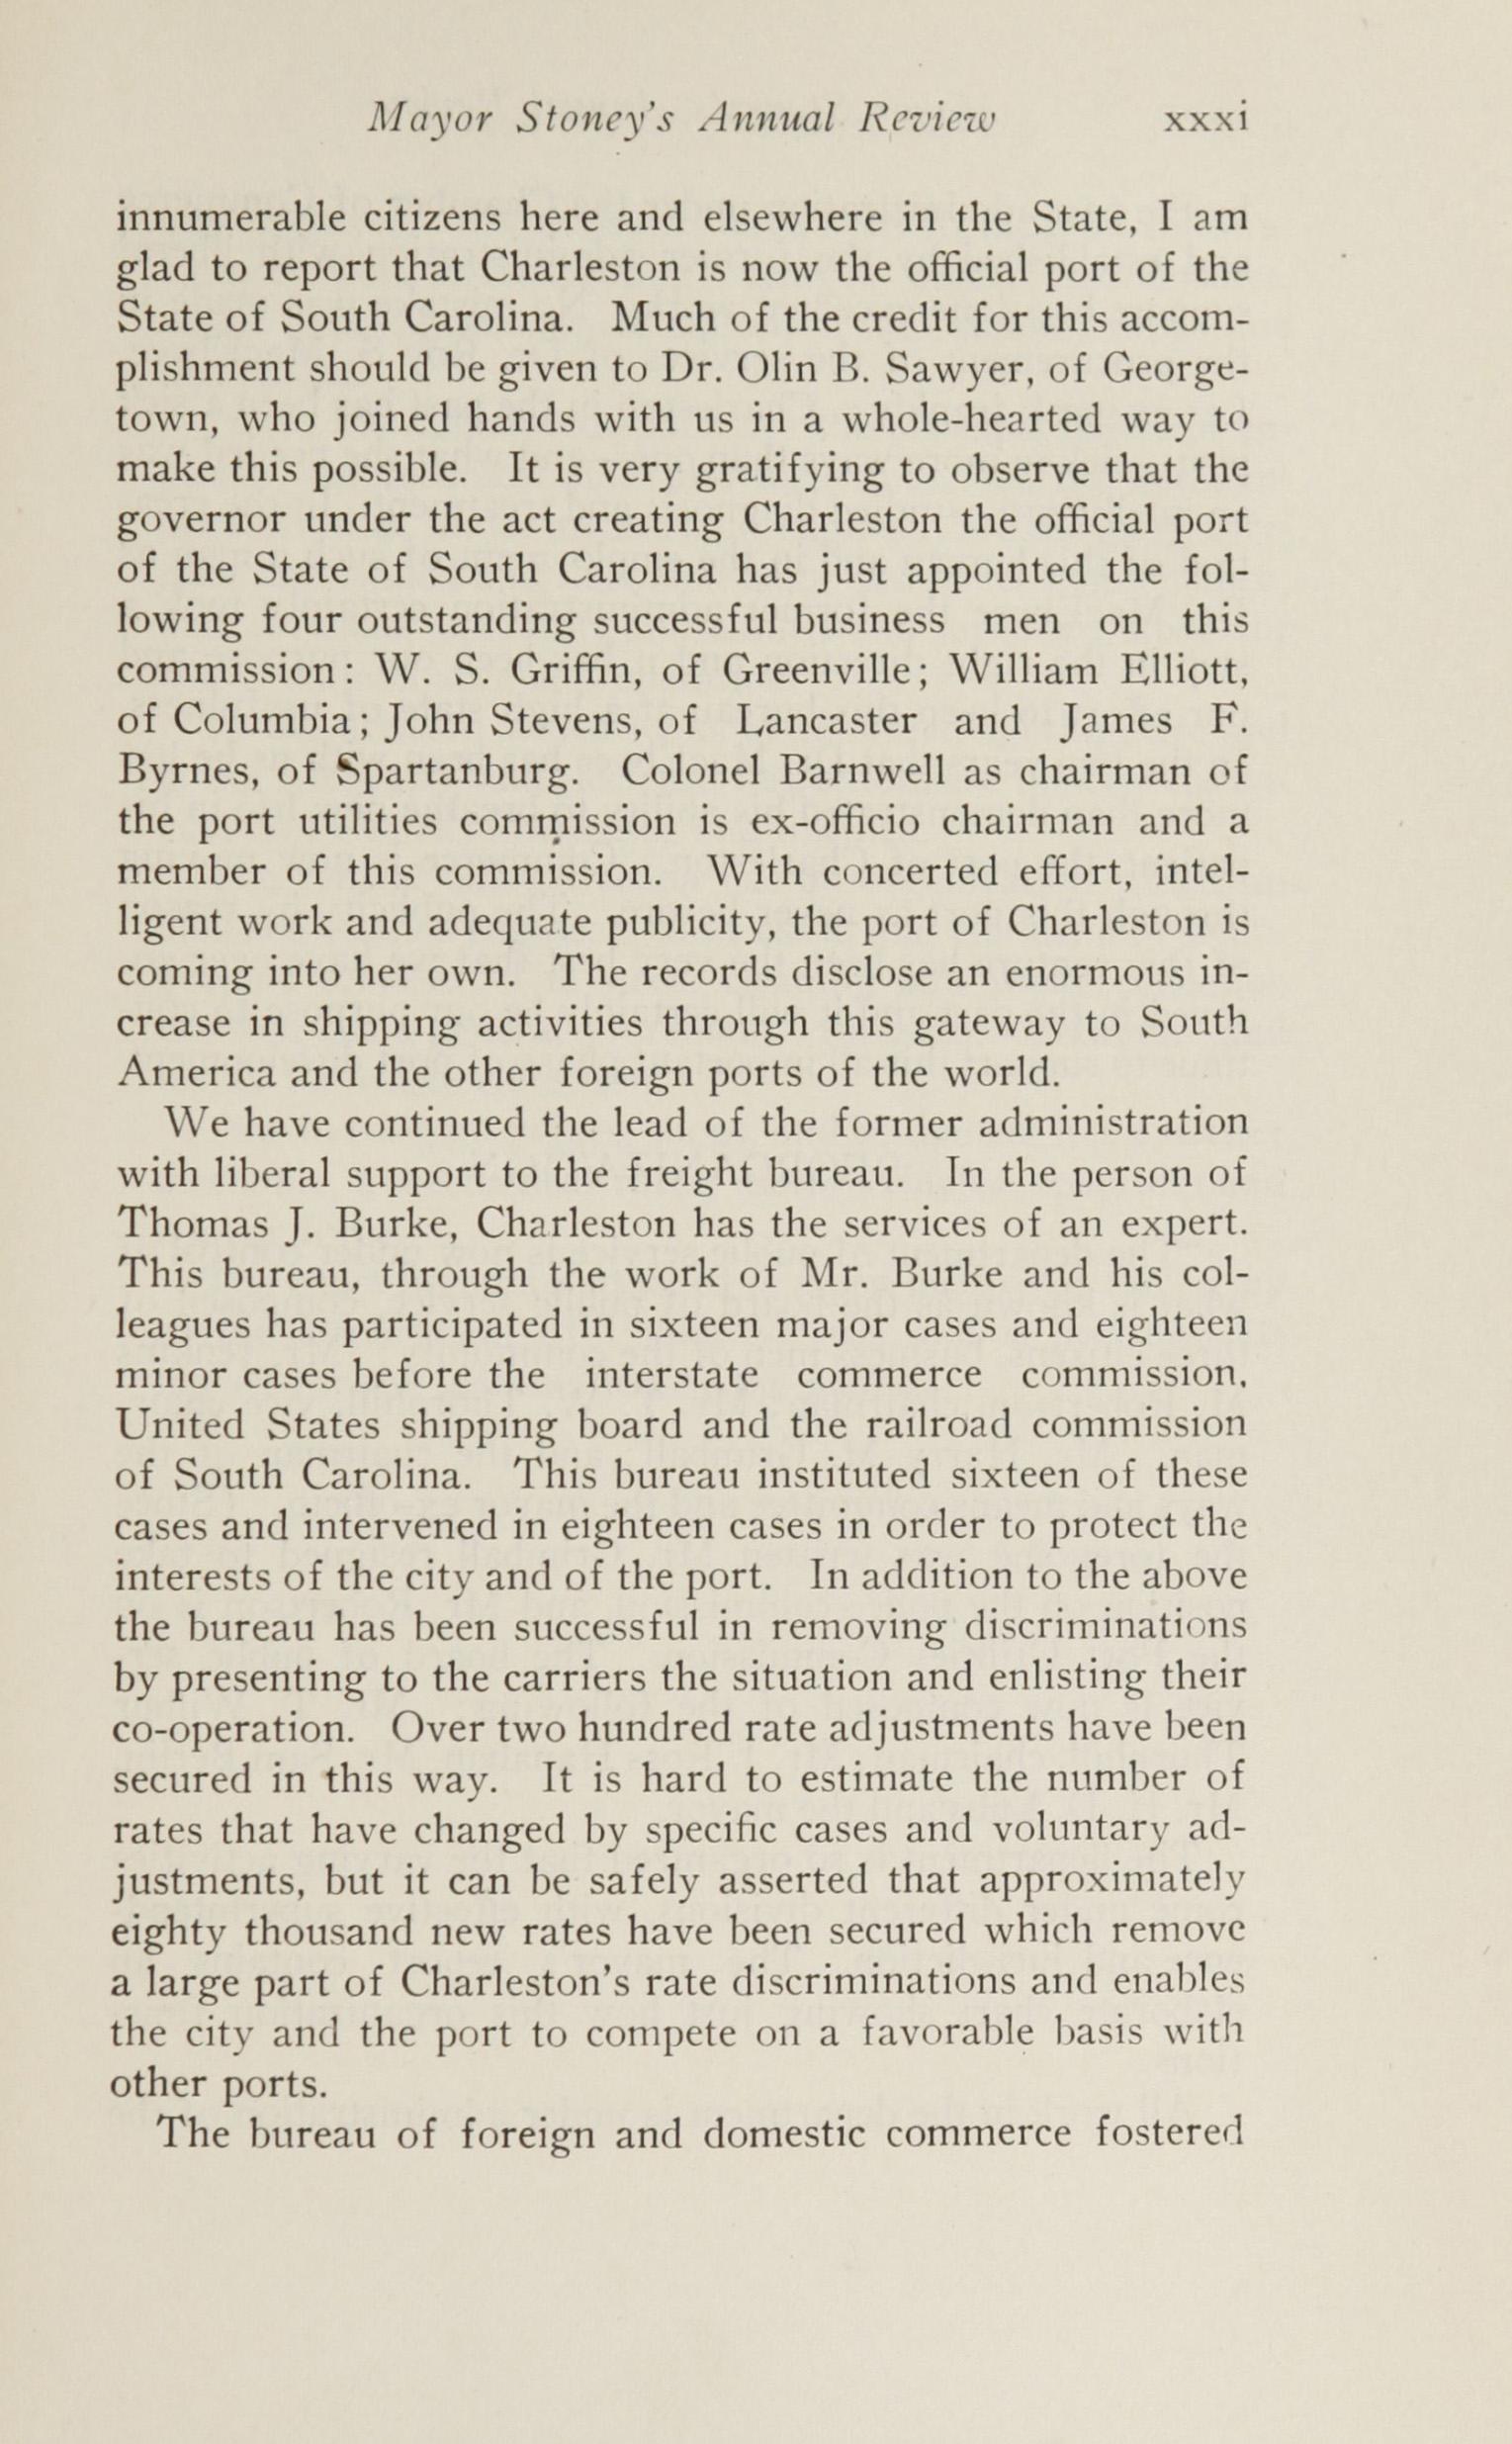 Charleston Yearbook, 1924, page xxxi